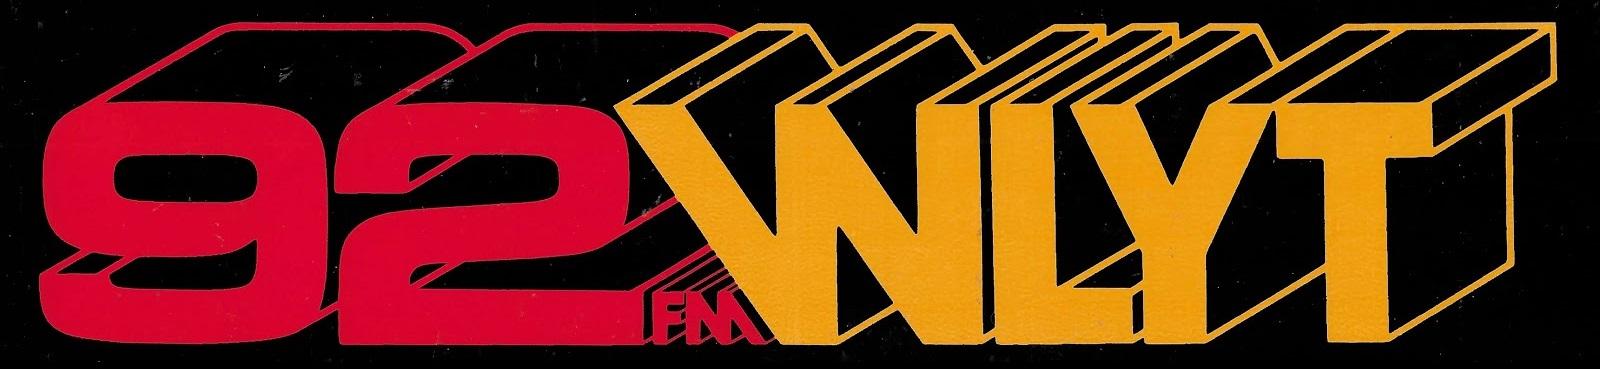 WKRK-FM